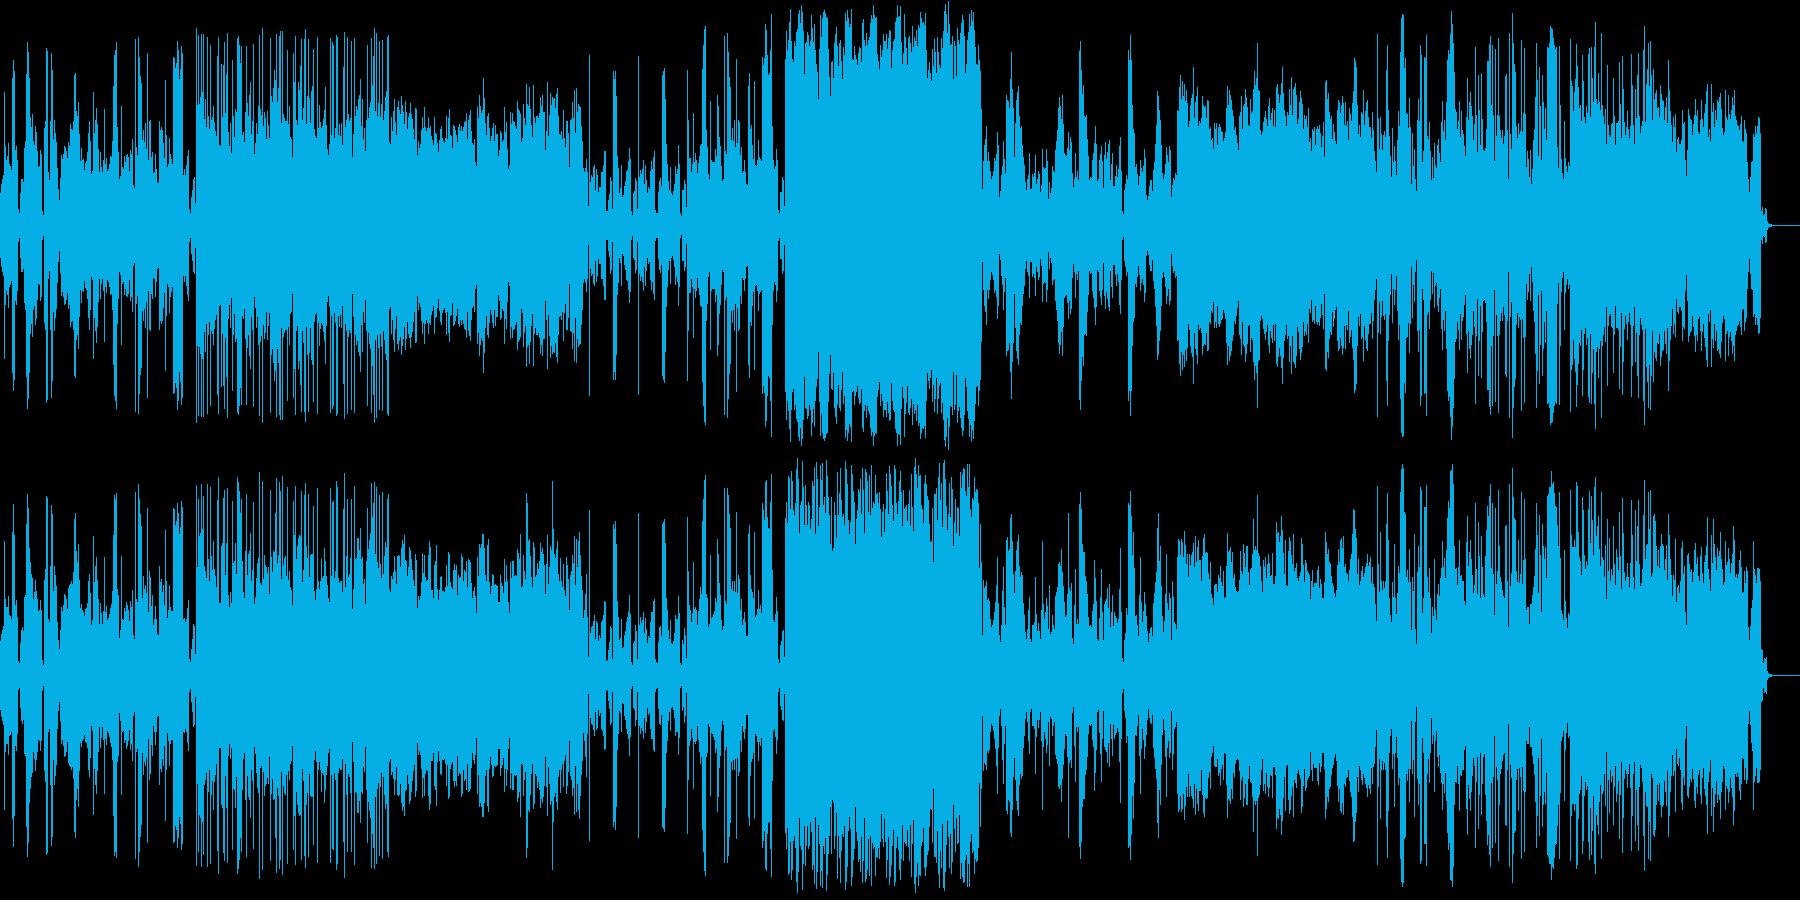 コンピュータープログラミングの世界をイ…の再生済みの波形